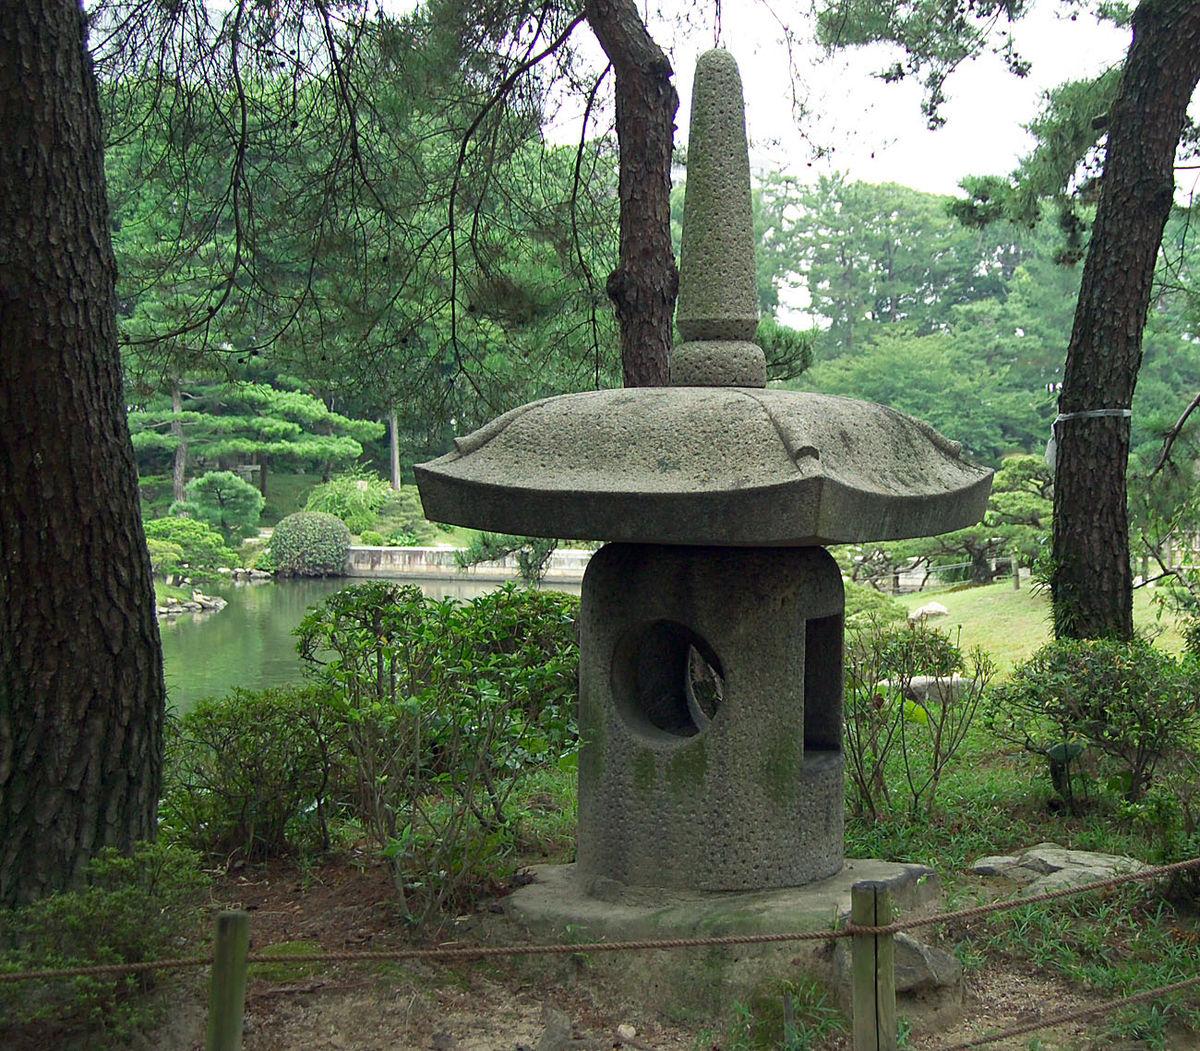 Jard n japon s wikipedia la enciclopedia libre for Plantas para jardin japones